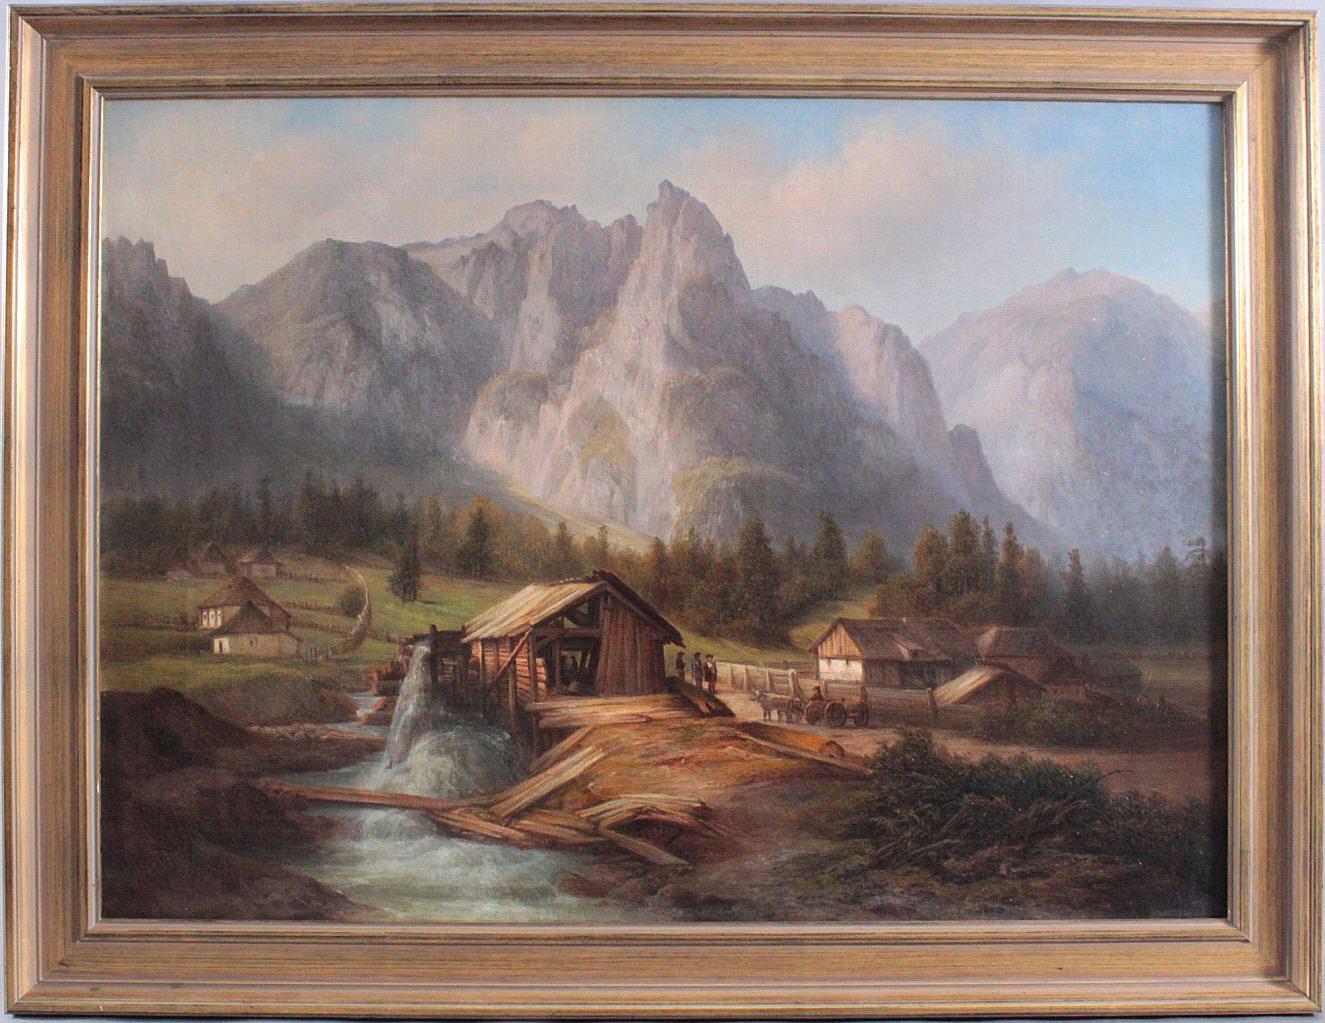 'Berglandschaft mit Häusern und Figurengruppe', 19. Jahrhundert